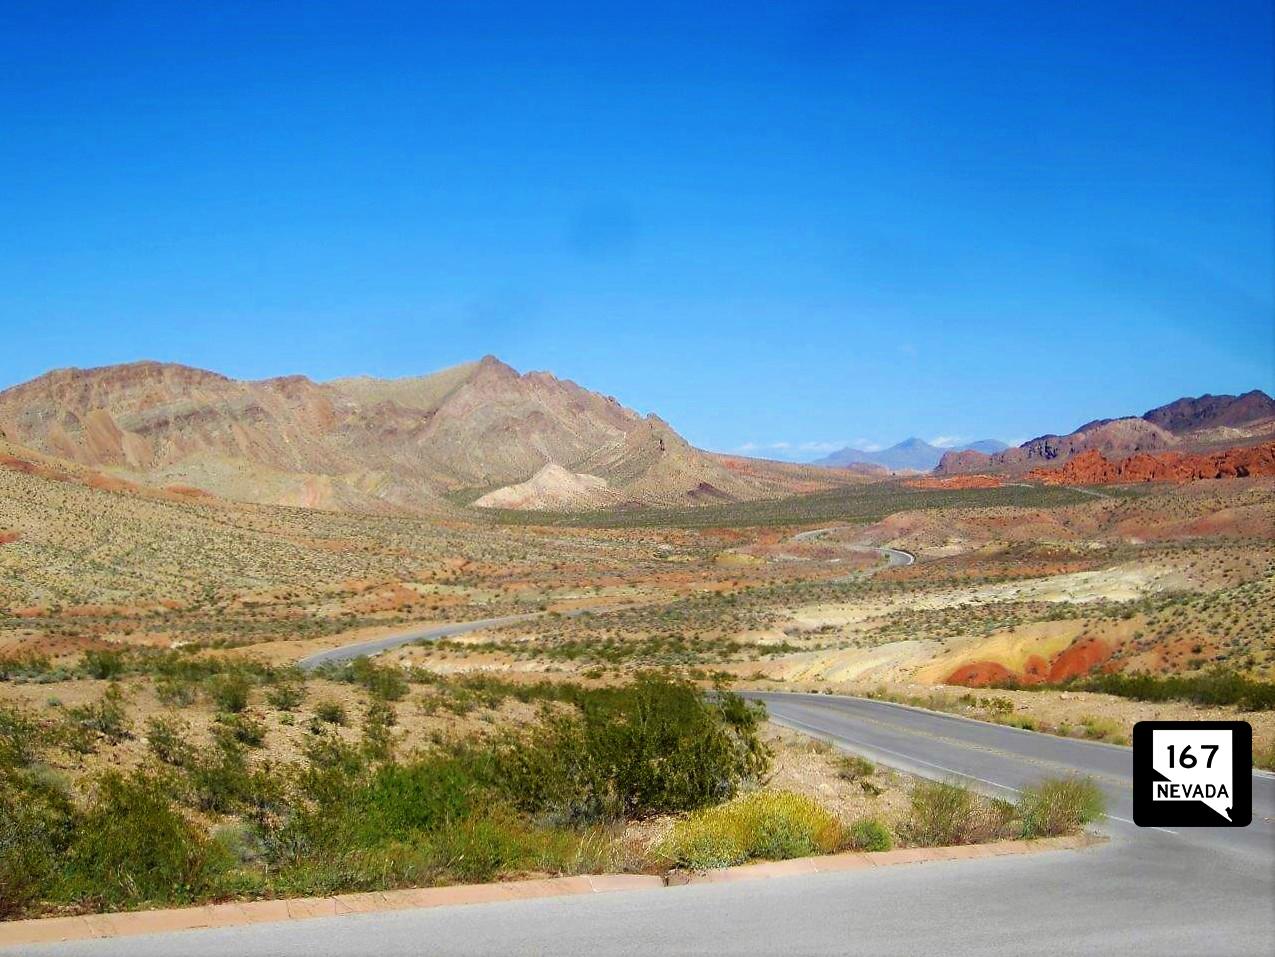 SSR 167 Clark County Nevada